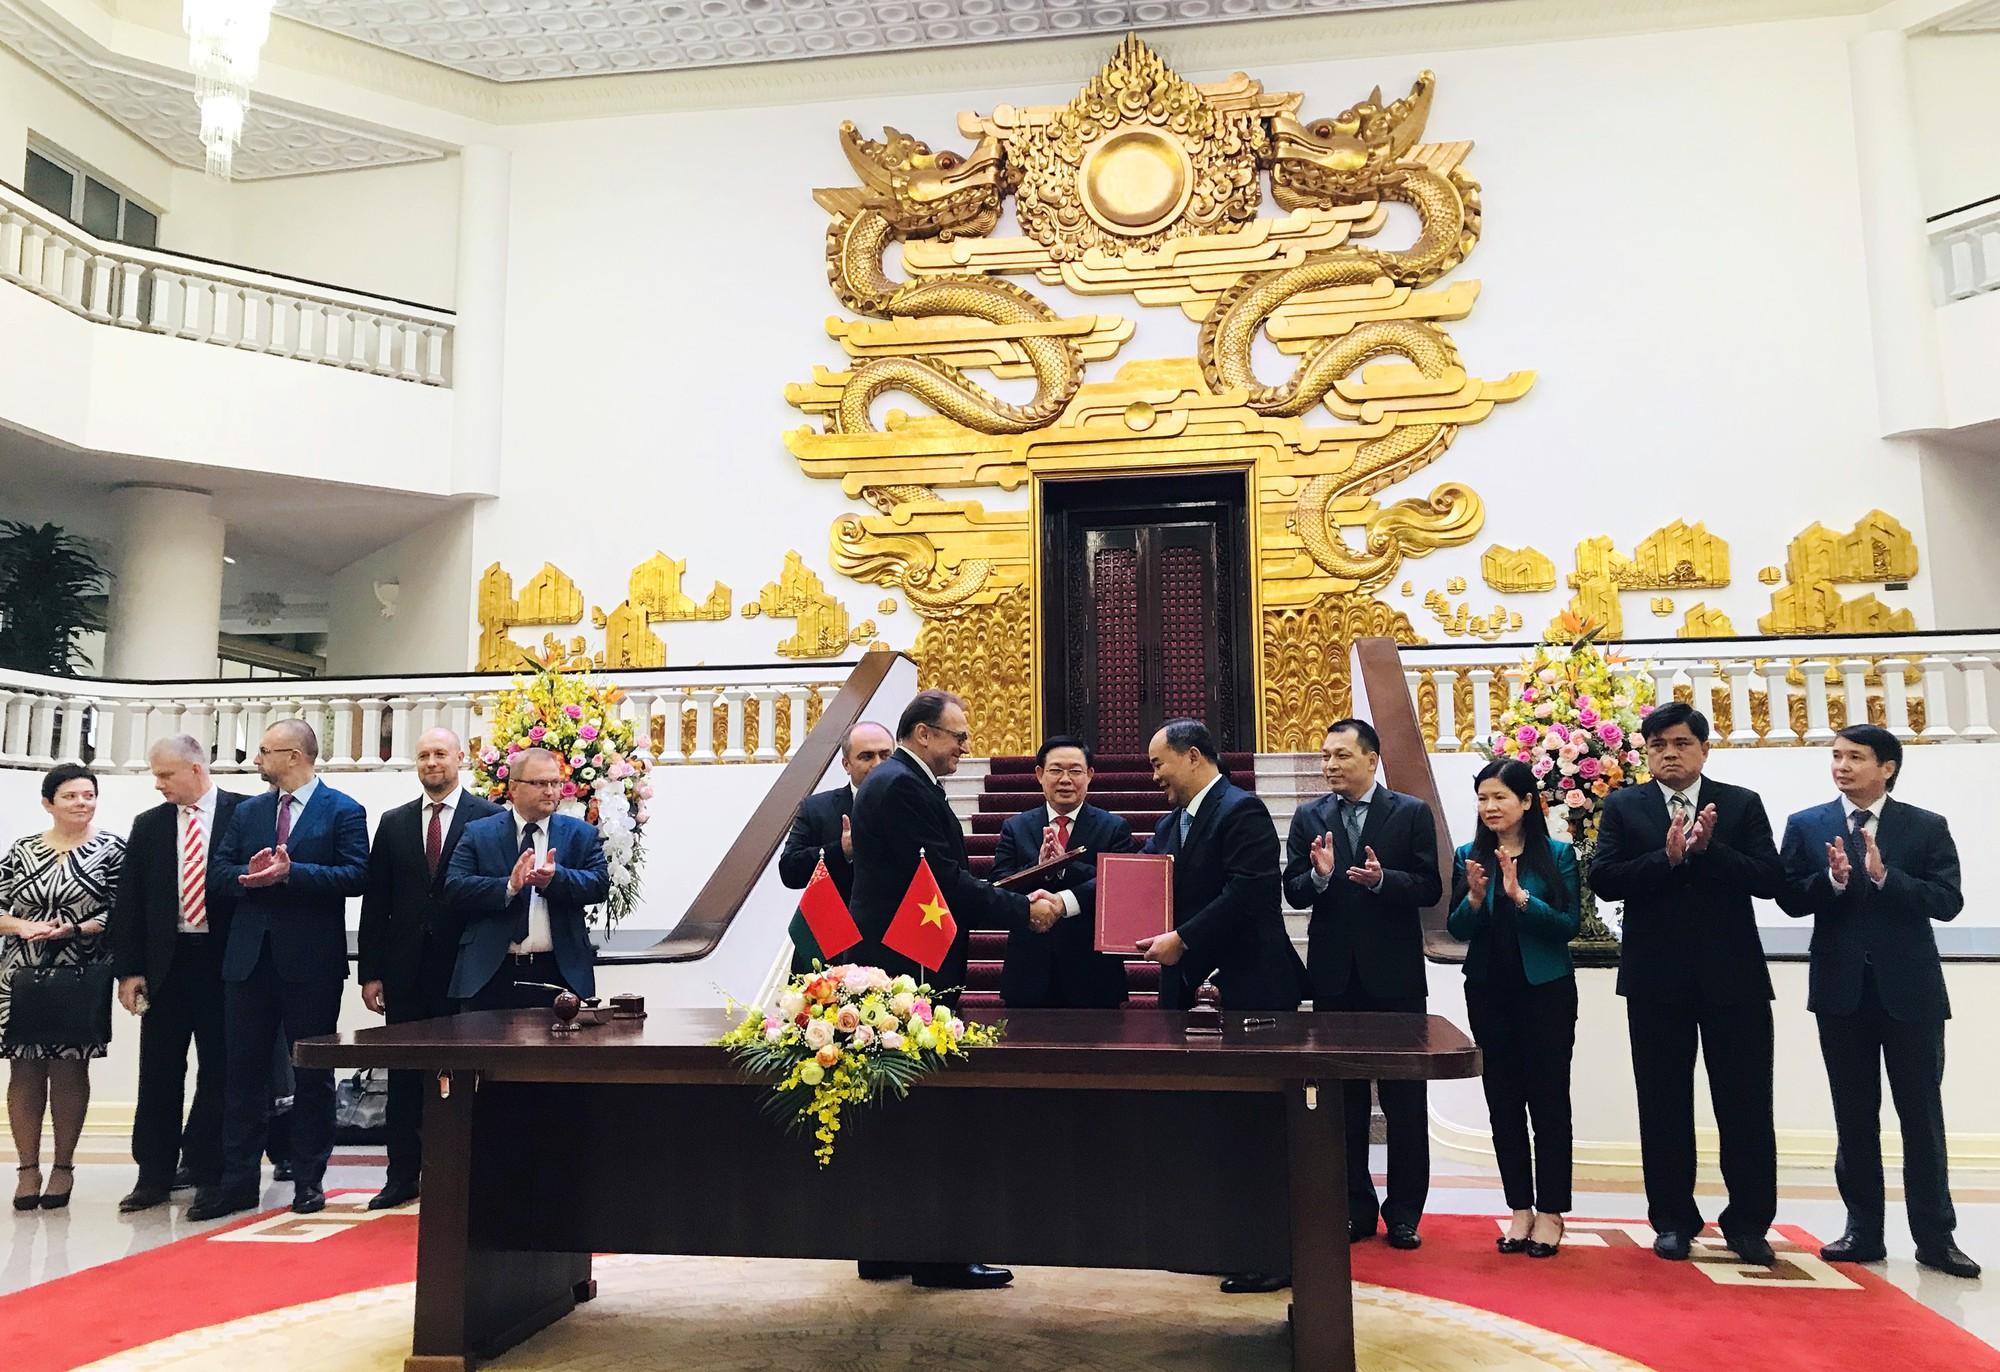 Việt Nam và Belarus ký chương trình hợp tác văn hóa giai đoạn 2020 - 2020 - Ảnh 2.